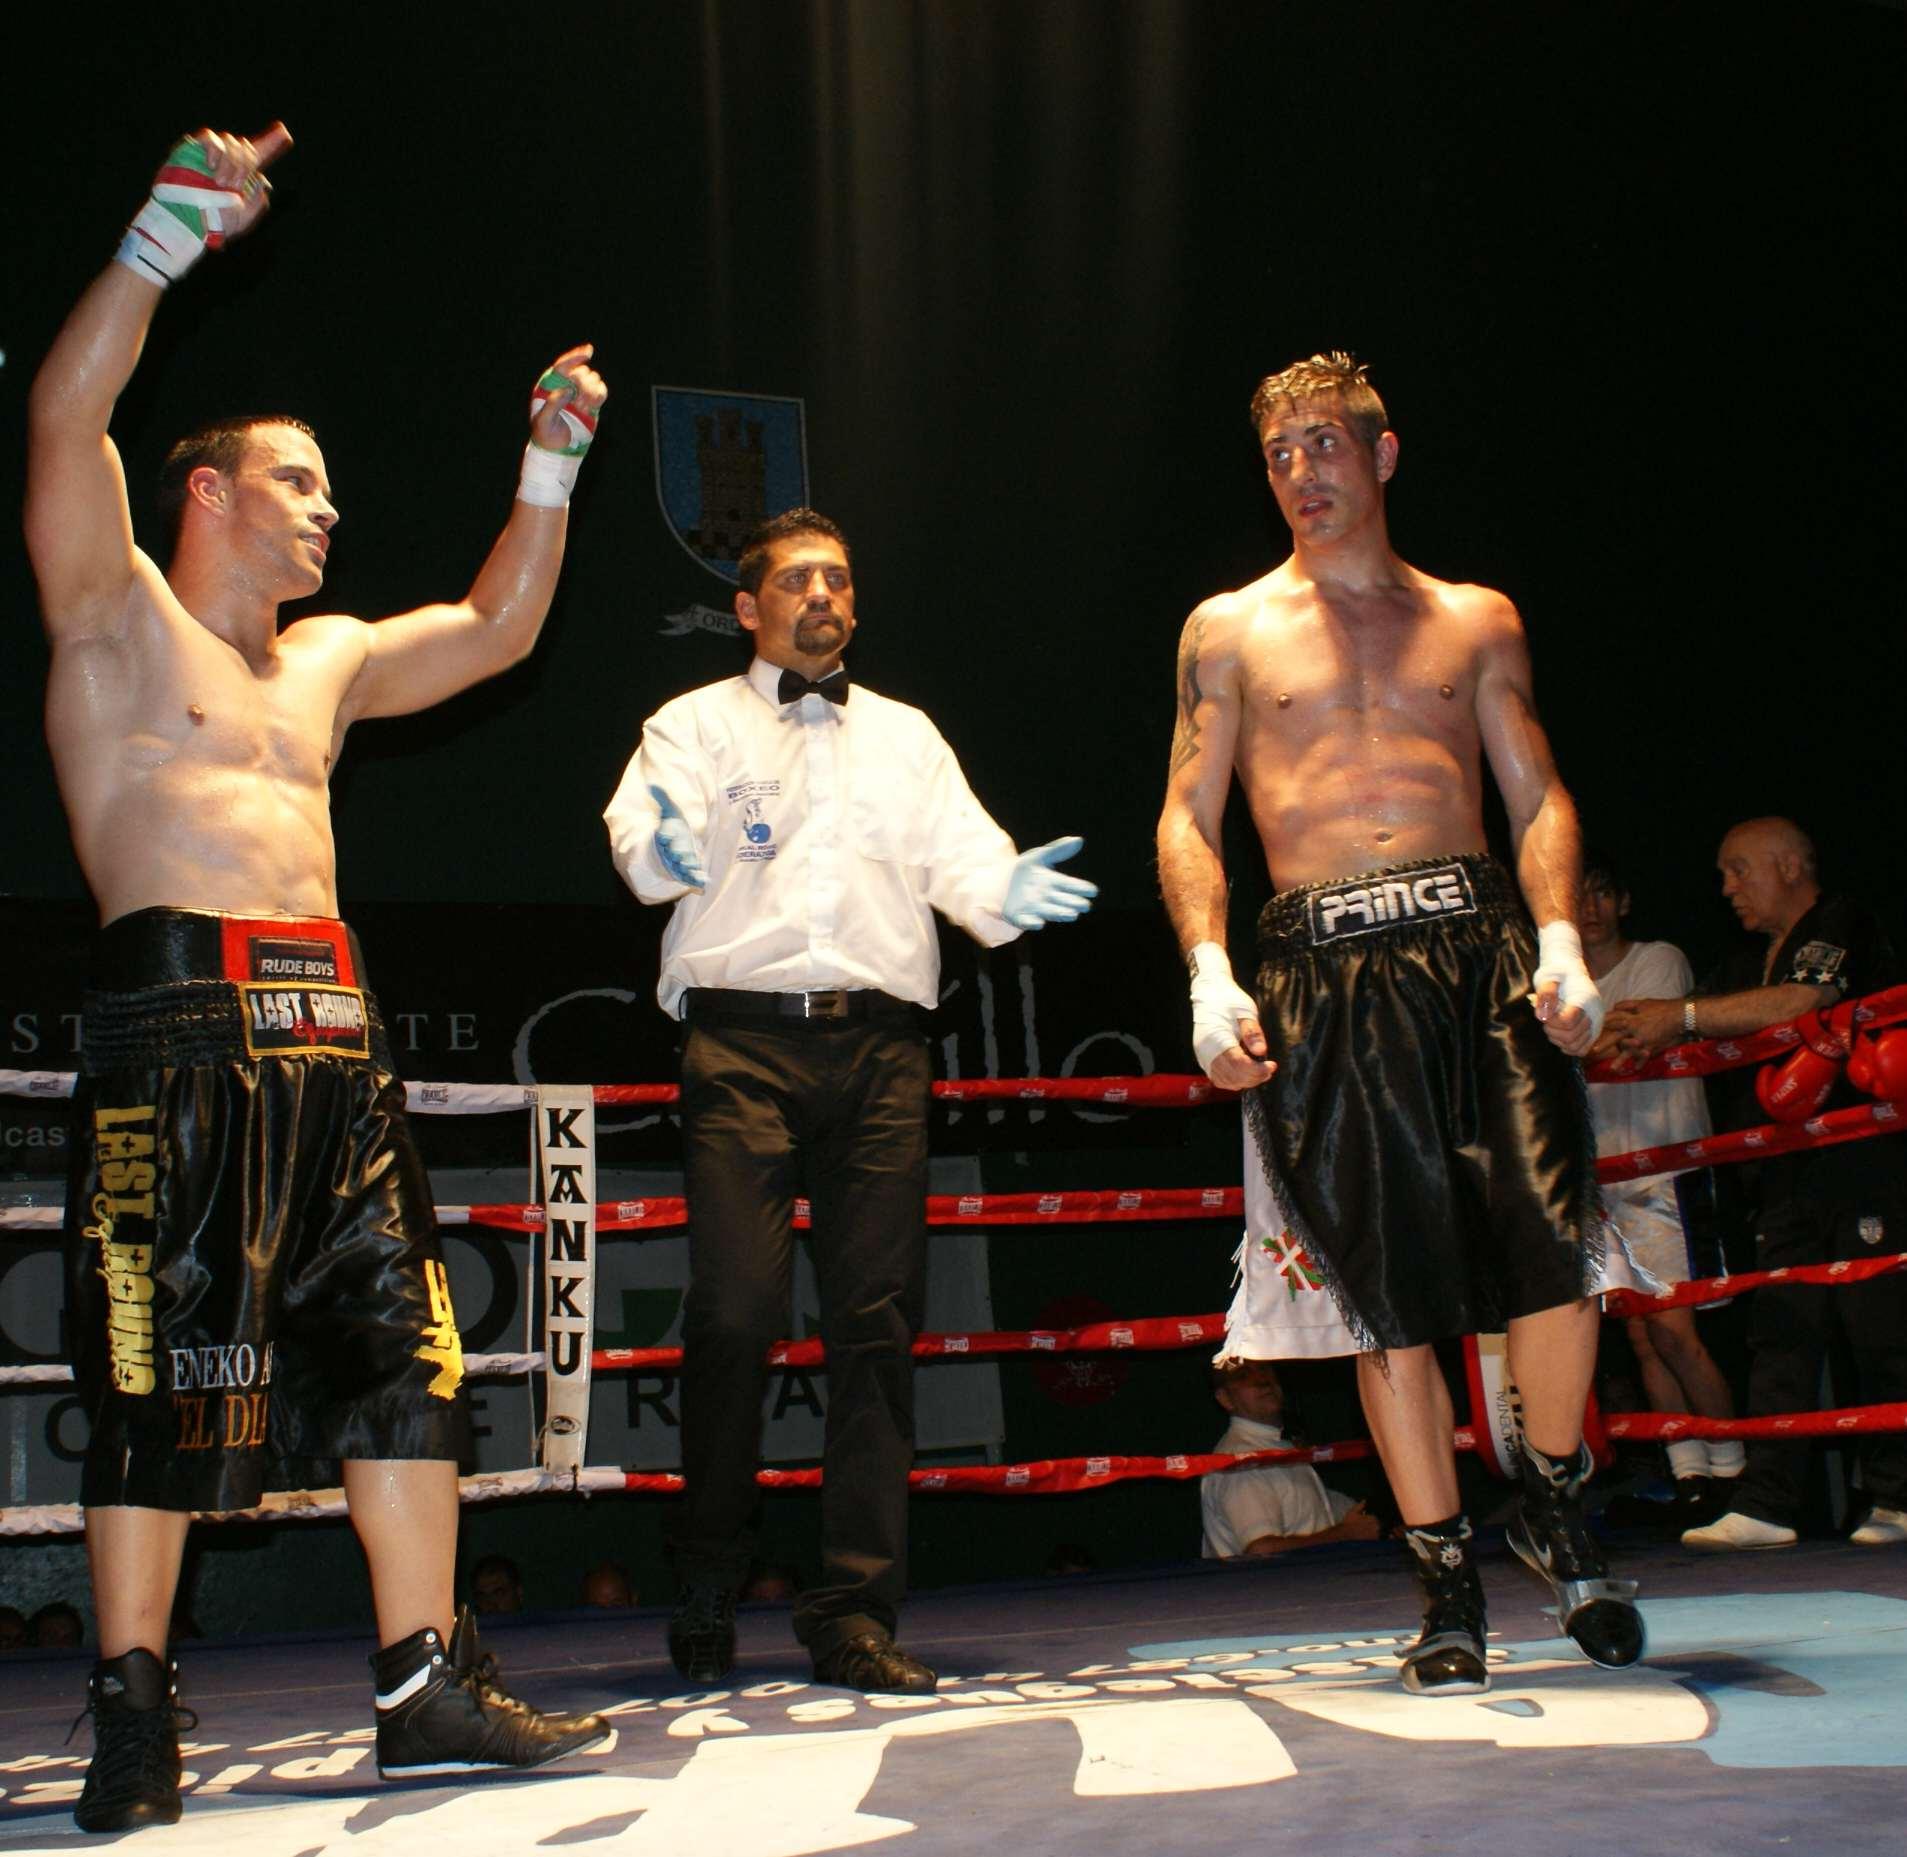 Boxeo: Eneko Alonso y Prince, una pelea igualada entre dos buenos boxeadores que hizo disfrutar al público y que los jueces estimaron favorable al de Txerra Box